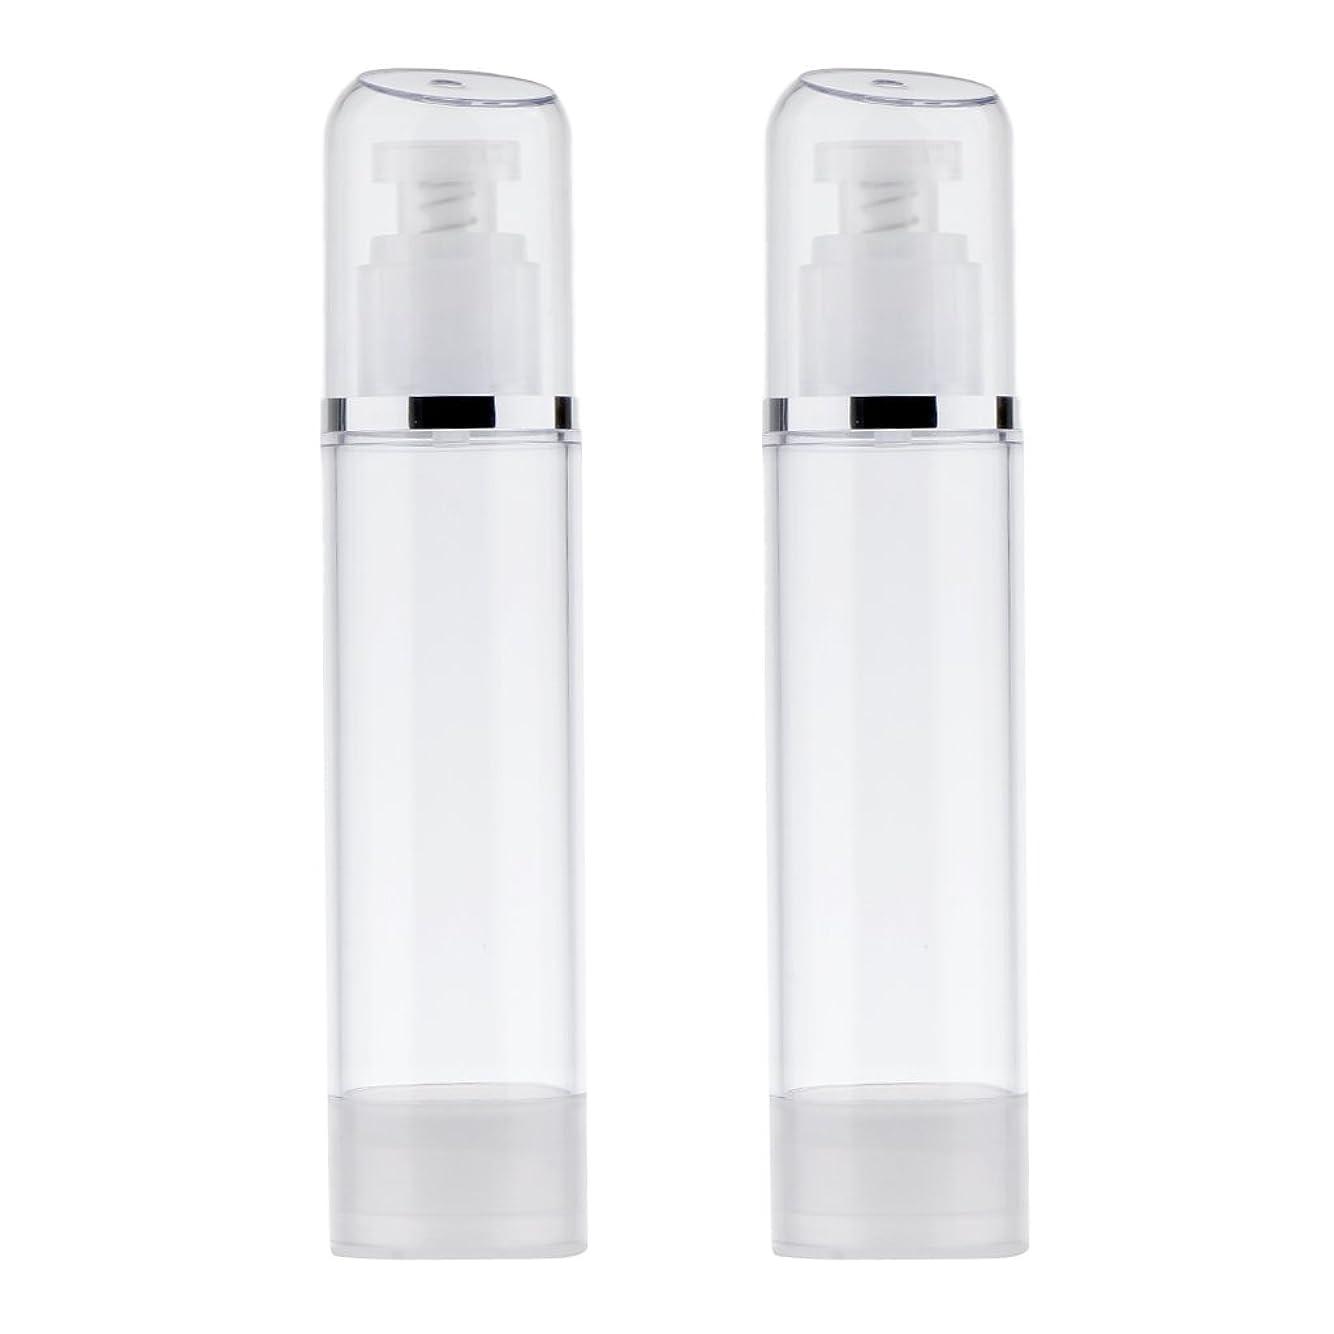 レーザミニチュアゆるいBlesiya 2個 空ボトル ポンプボトル ローション 化粧品 クリーム ボトル エアレスポンプディスペンサー プラスチック 100ml クリア